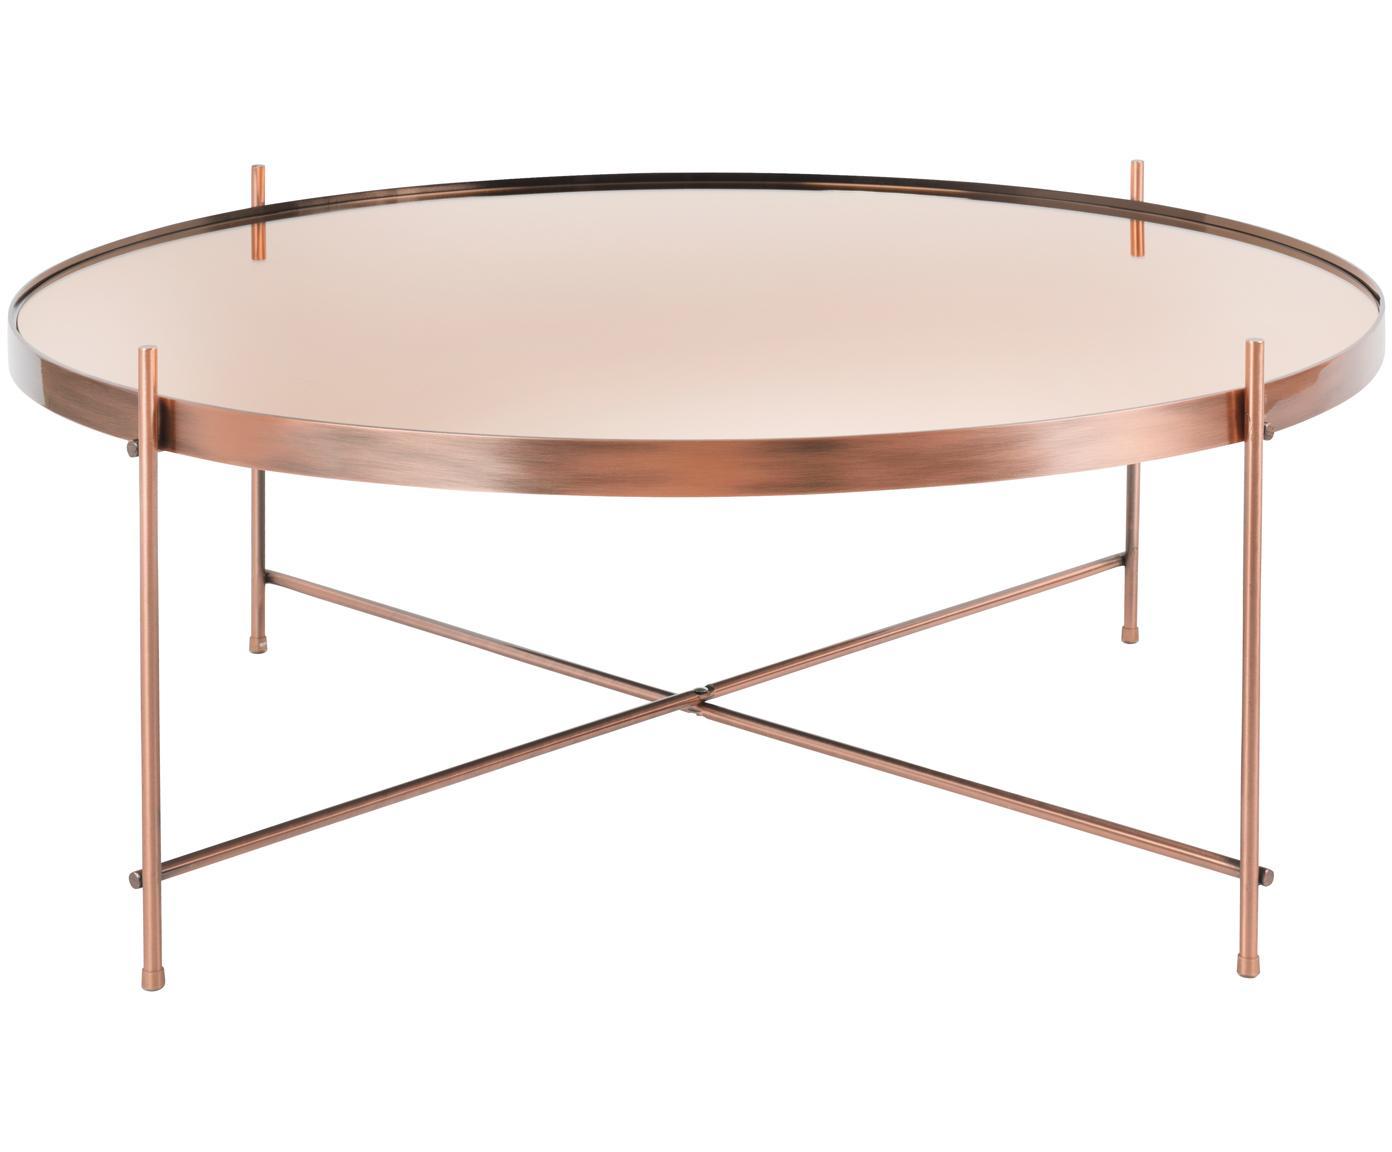 Tavolino da salotto con piano in vetro Cupid, Struttura: metallo ramato, Piano d'appoggio: vetro, Rame, Ø 83 x Alt. 35 cm